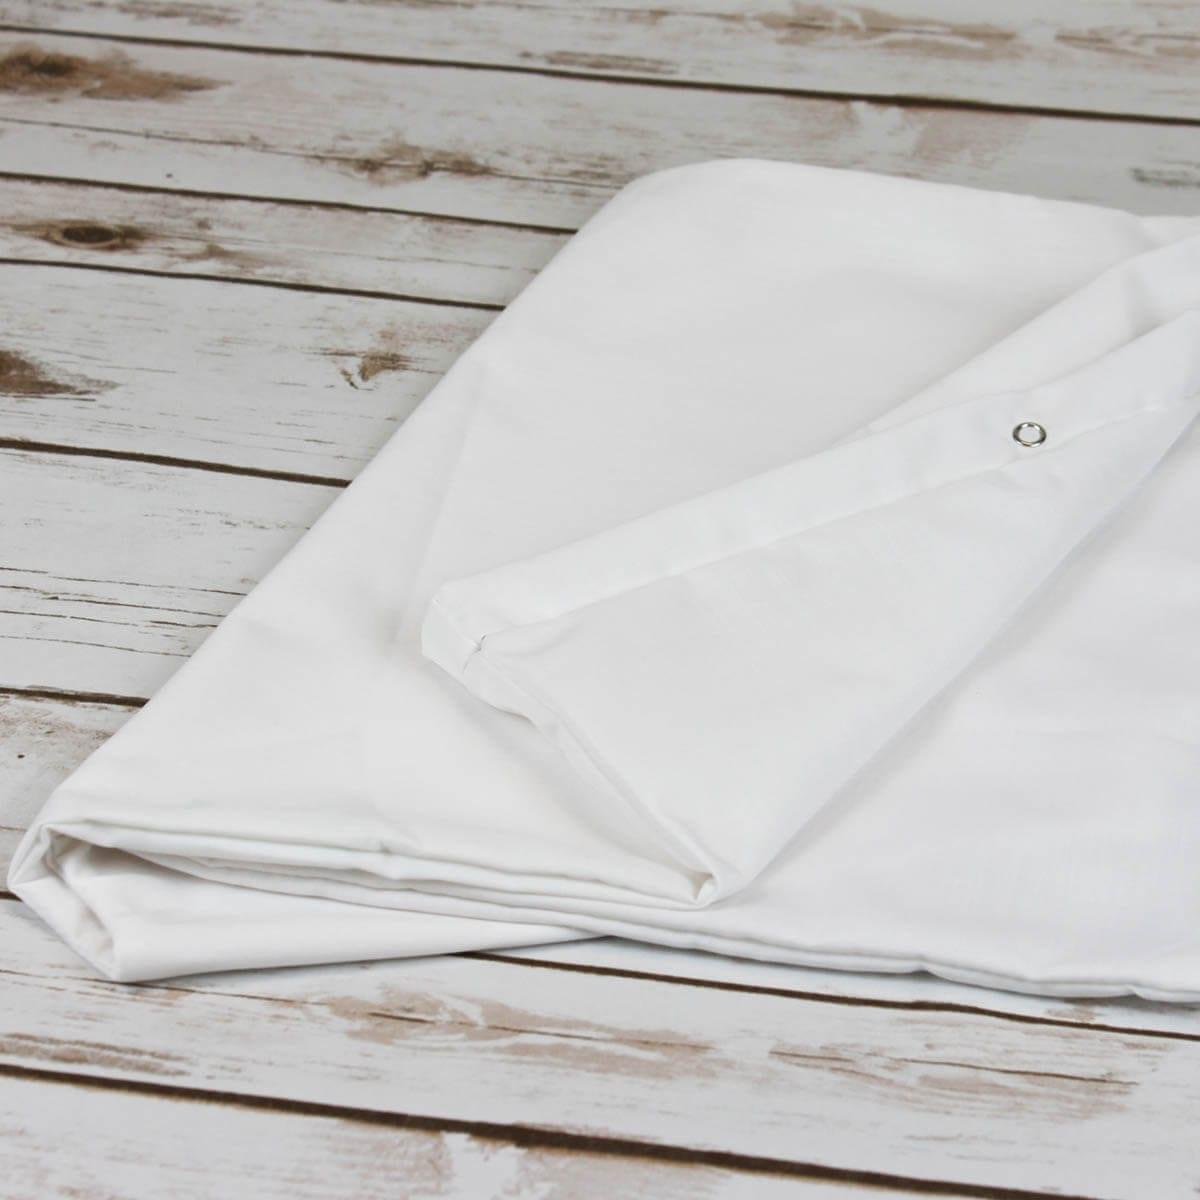 V Shaped Pillowcase White Easy Fit